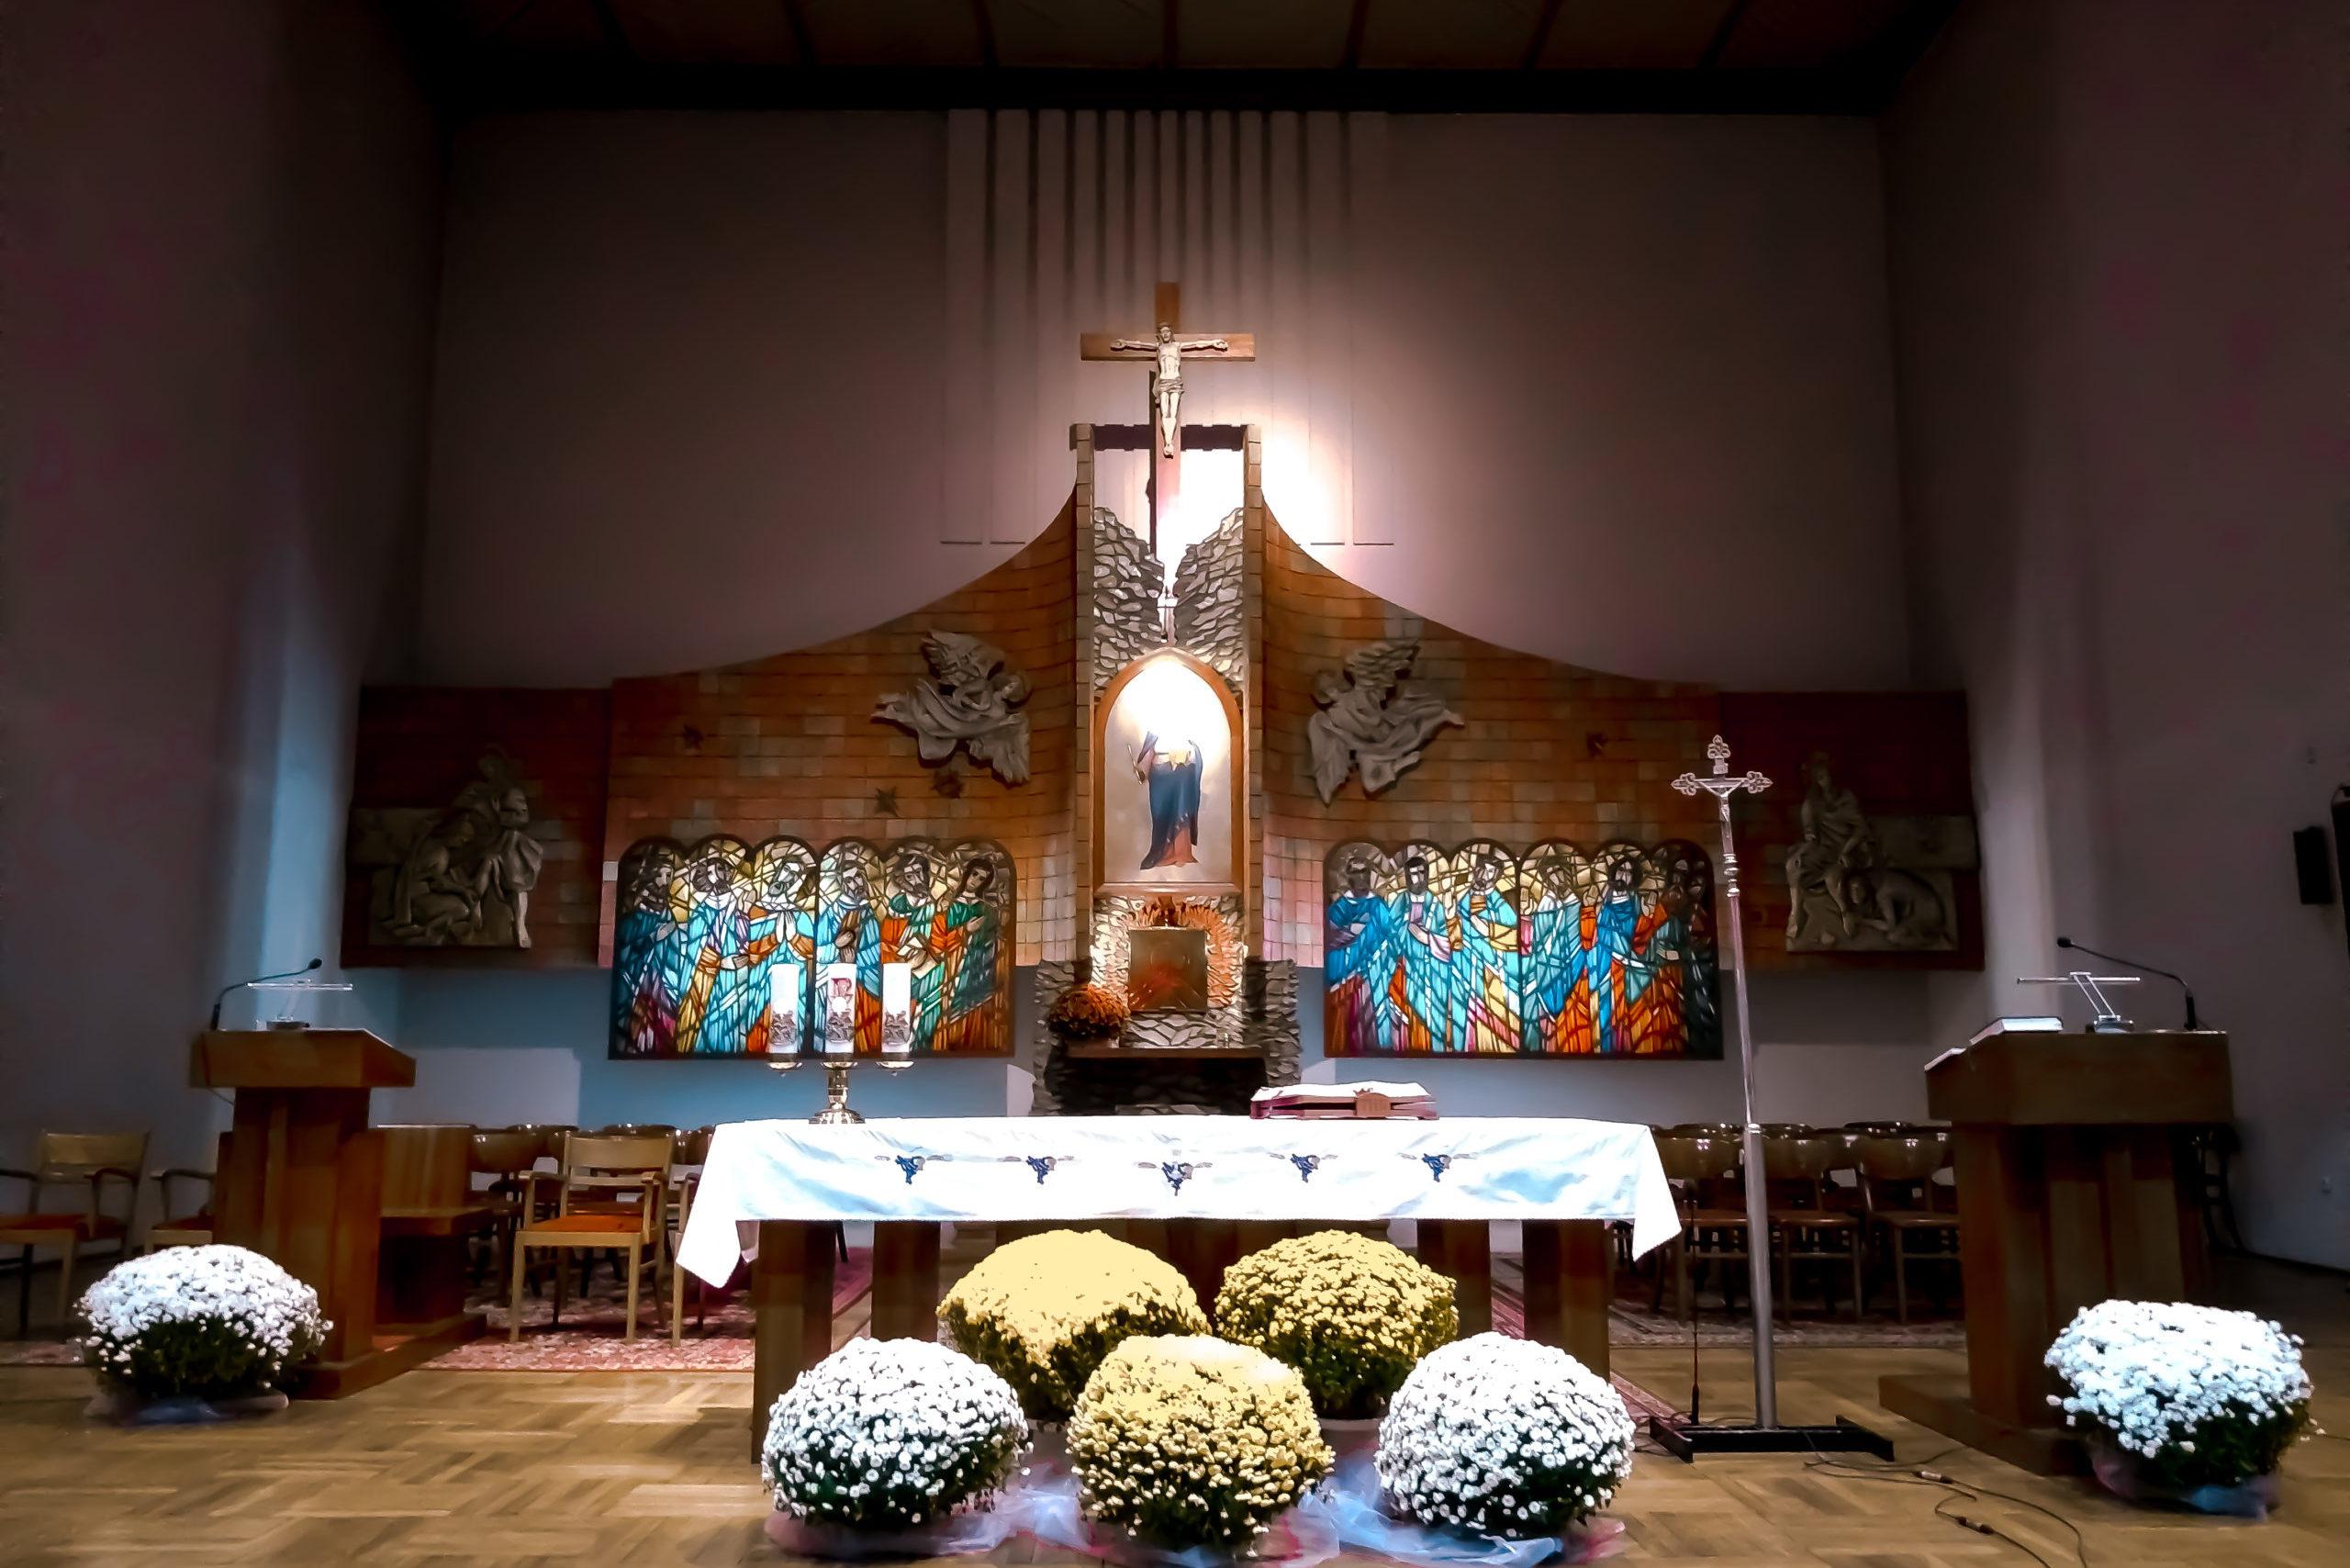 Parafia Matki Bożej Wspomożenia Wiernych w Łodzi